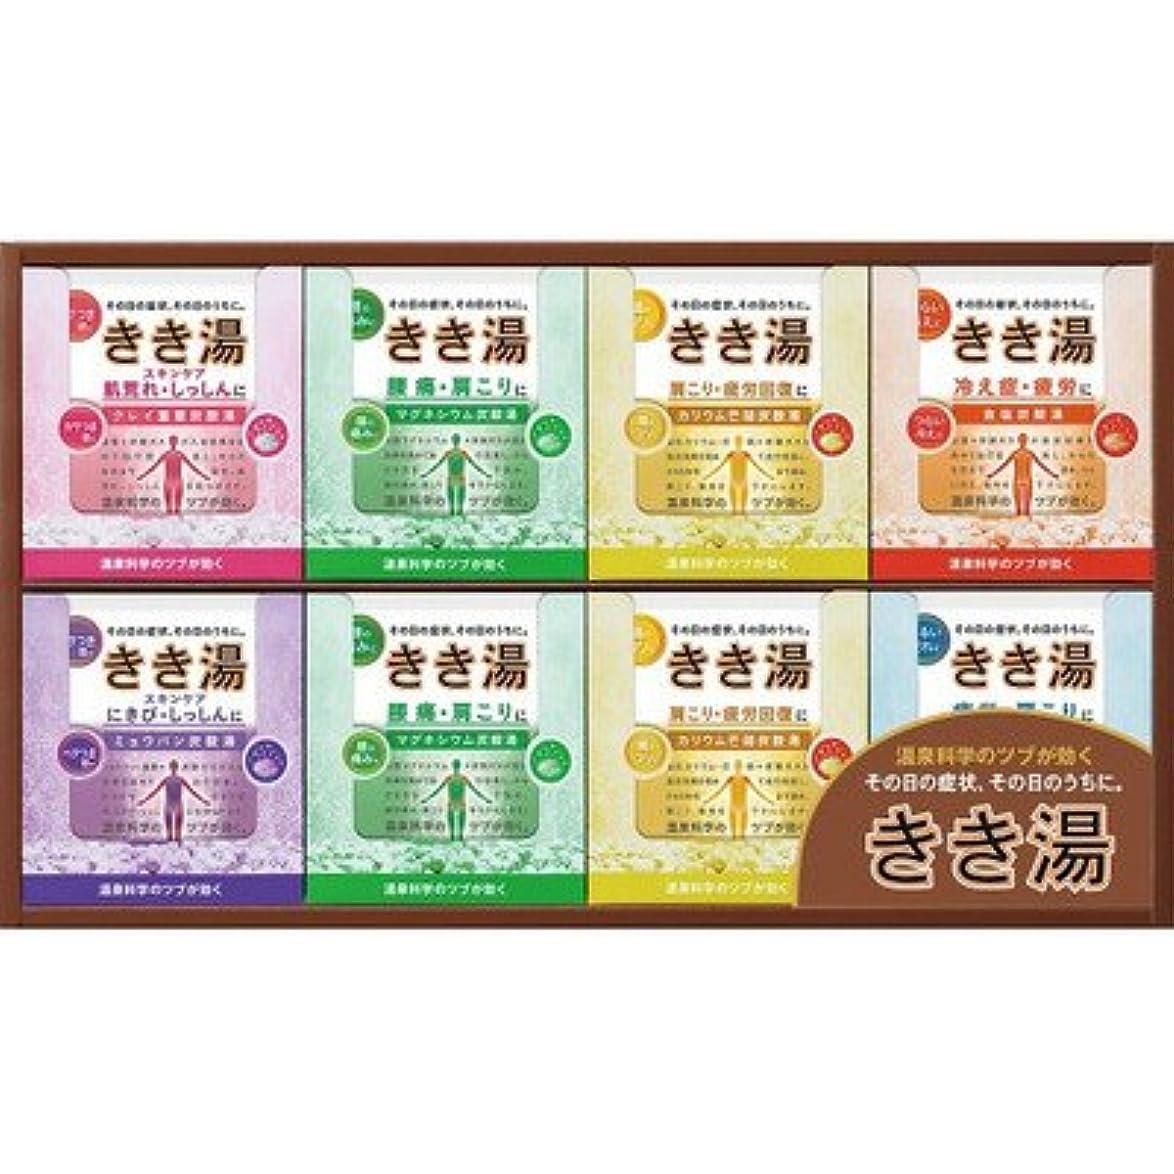 ソーダ水私たちの財団【ギフトセット】 きき湯オリジナルギフトセット KKY-20C